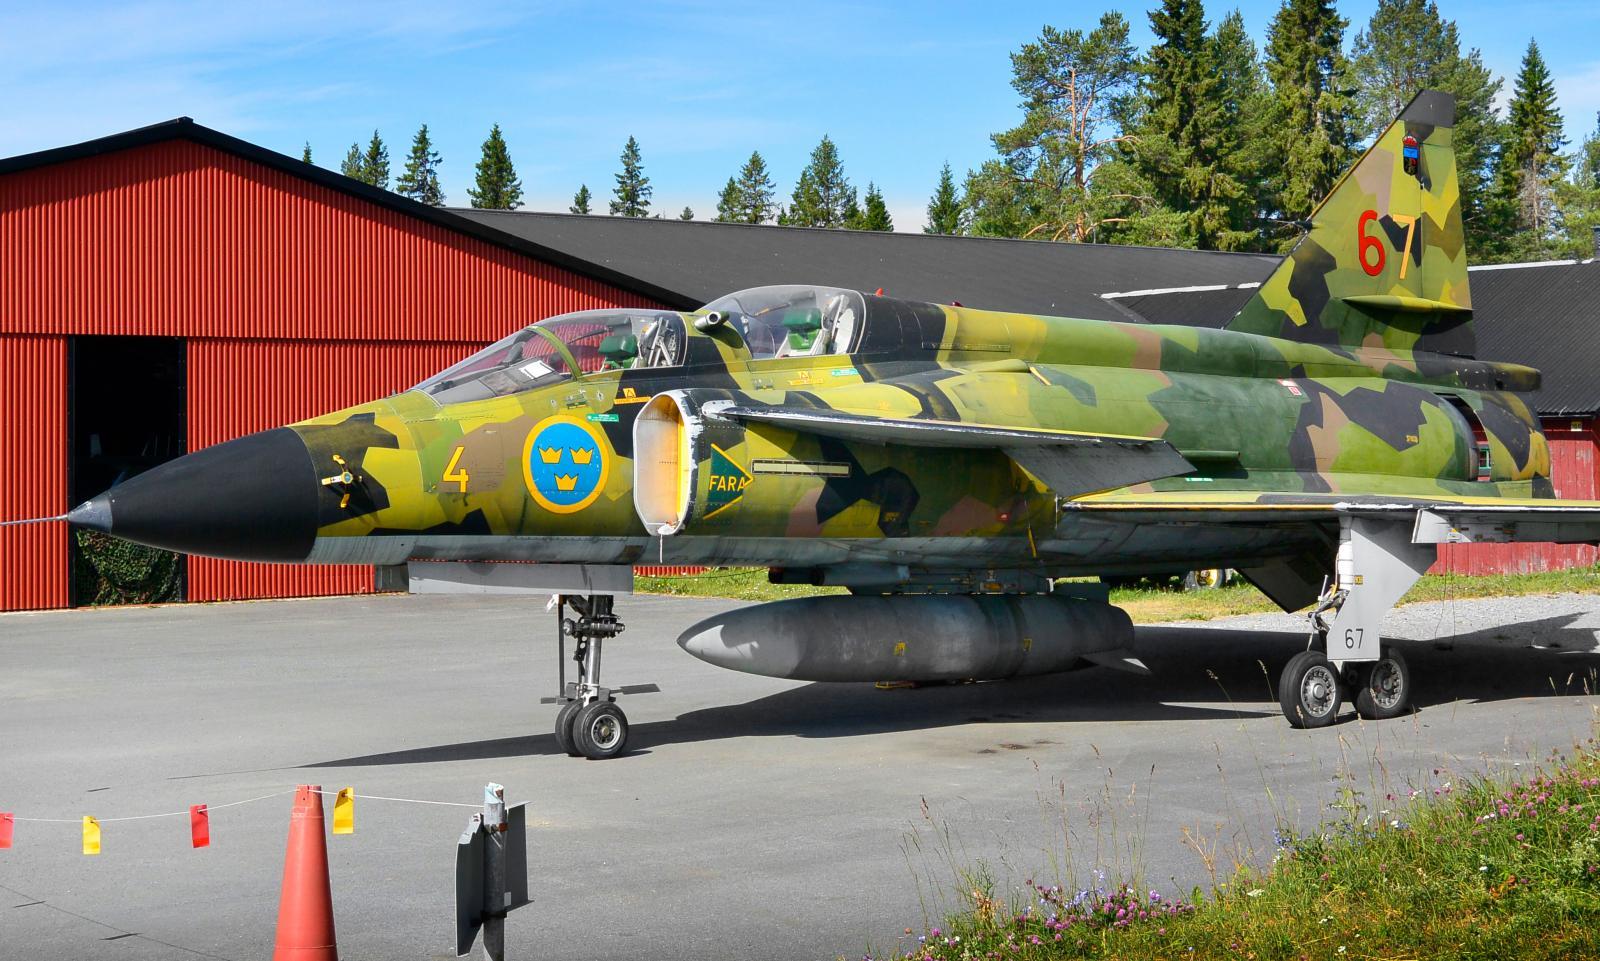 På gården står ett antal mäktiga militärflygplan parkerade. Många fler finns att beskåda i byggnaden Flyg & Lotta.